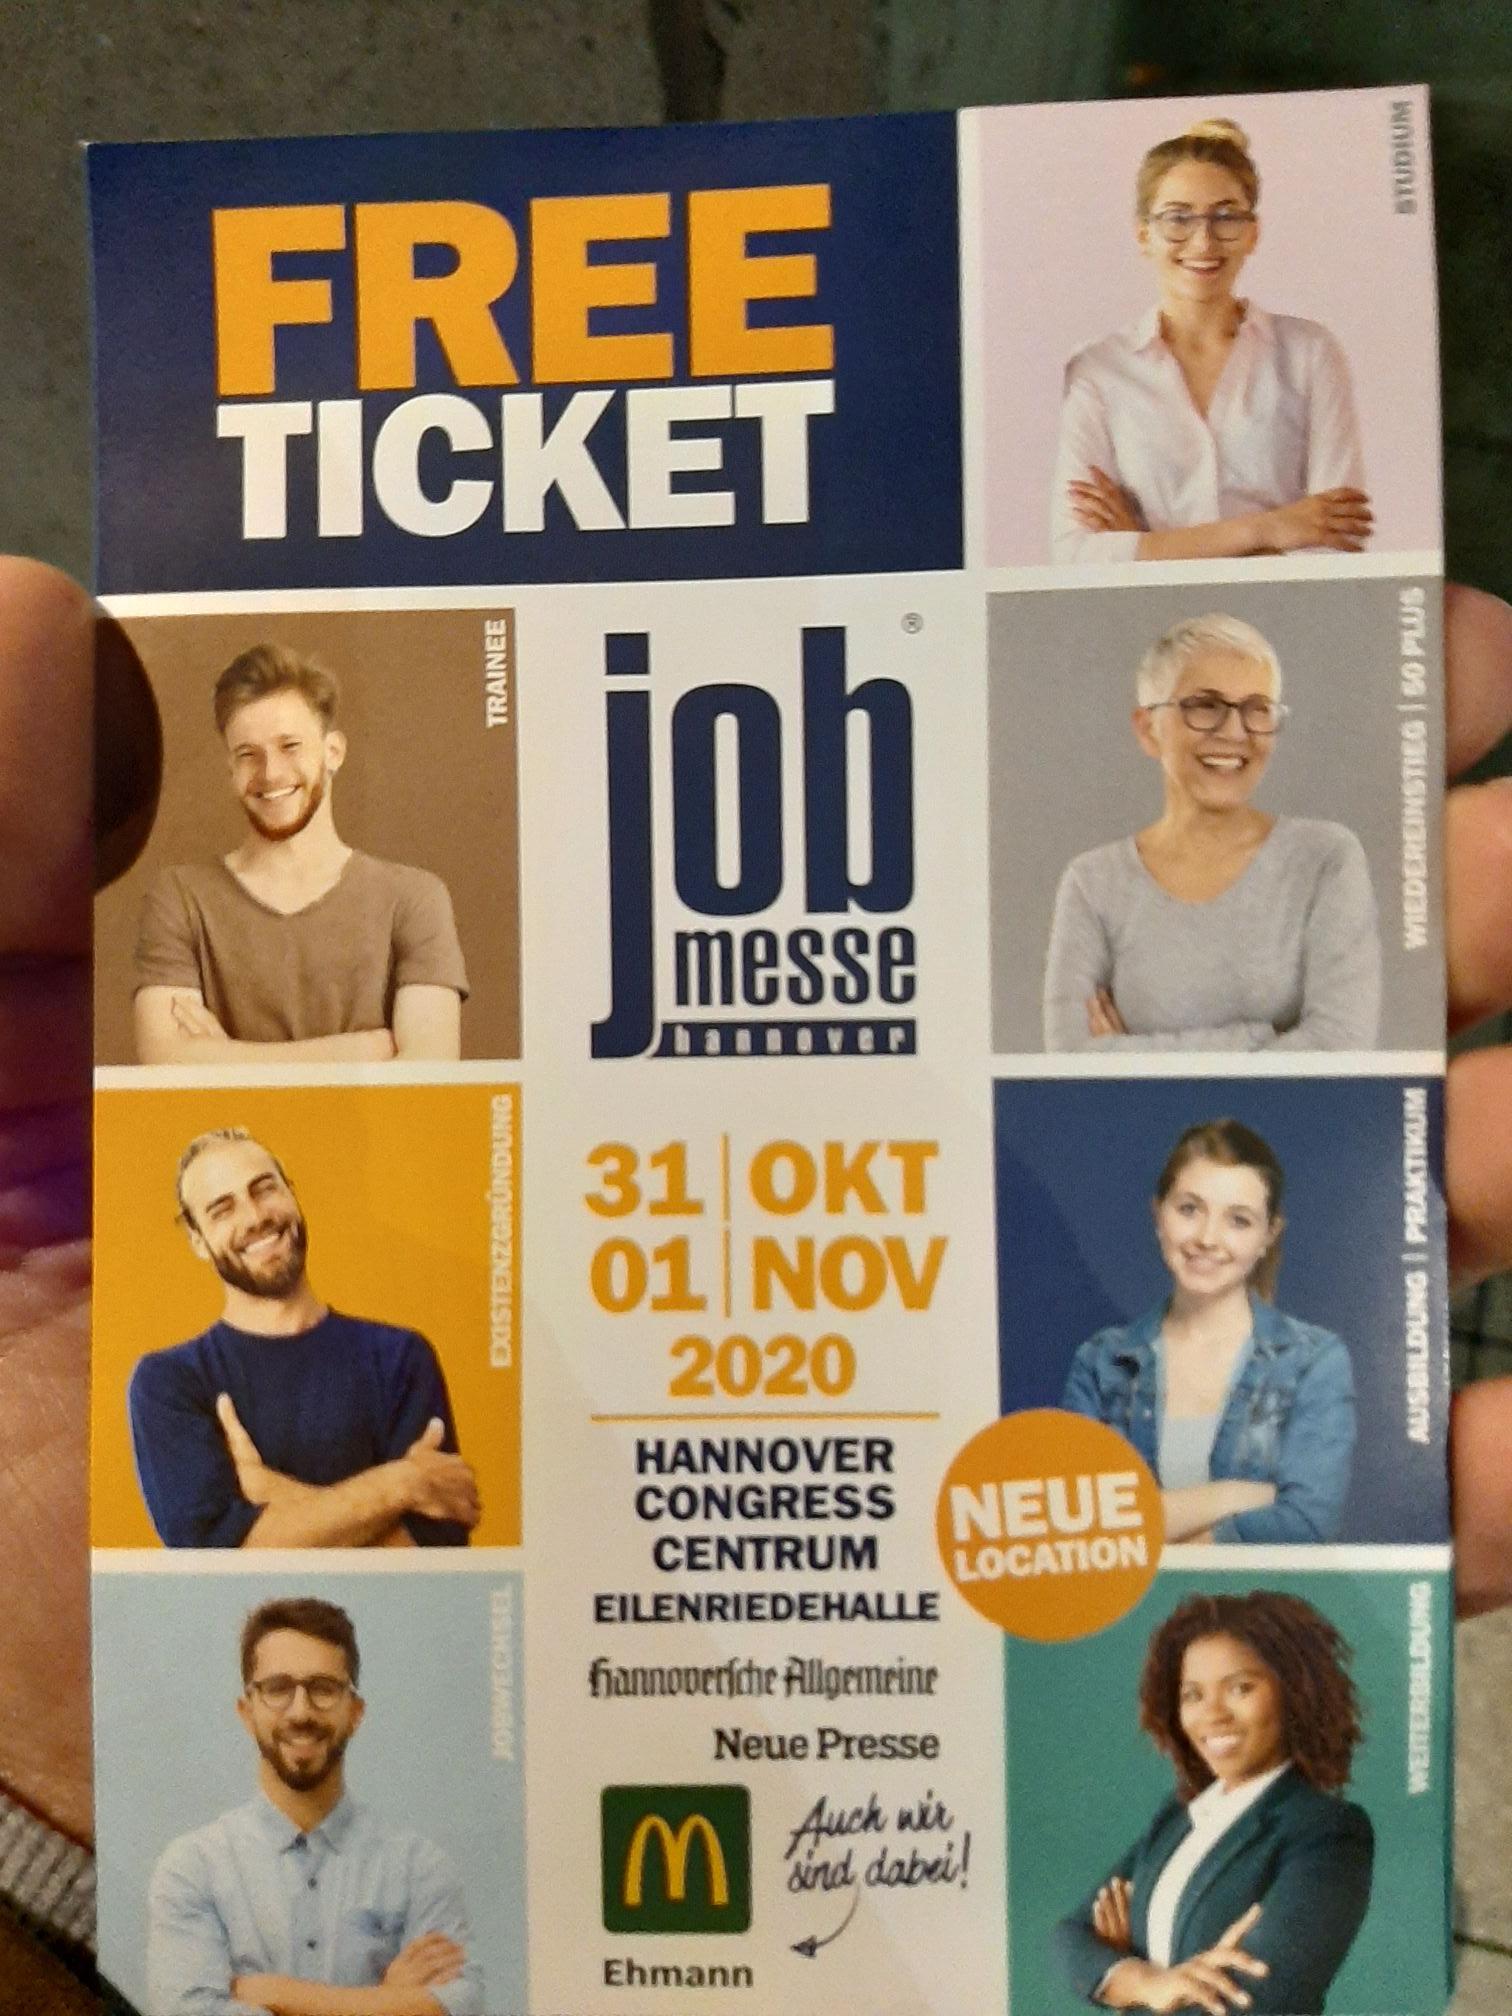 Job Messe Hannover 31.10.-01.11.20 im Congress Centrum kostenloses Ticket im McDonalds am HBF